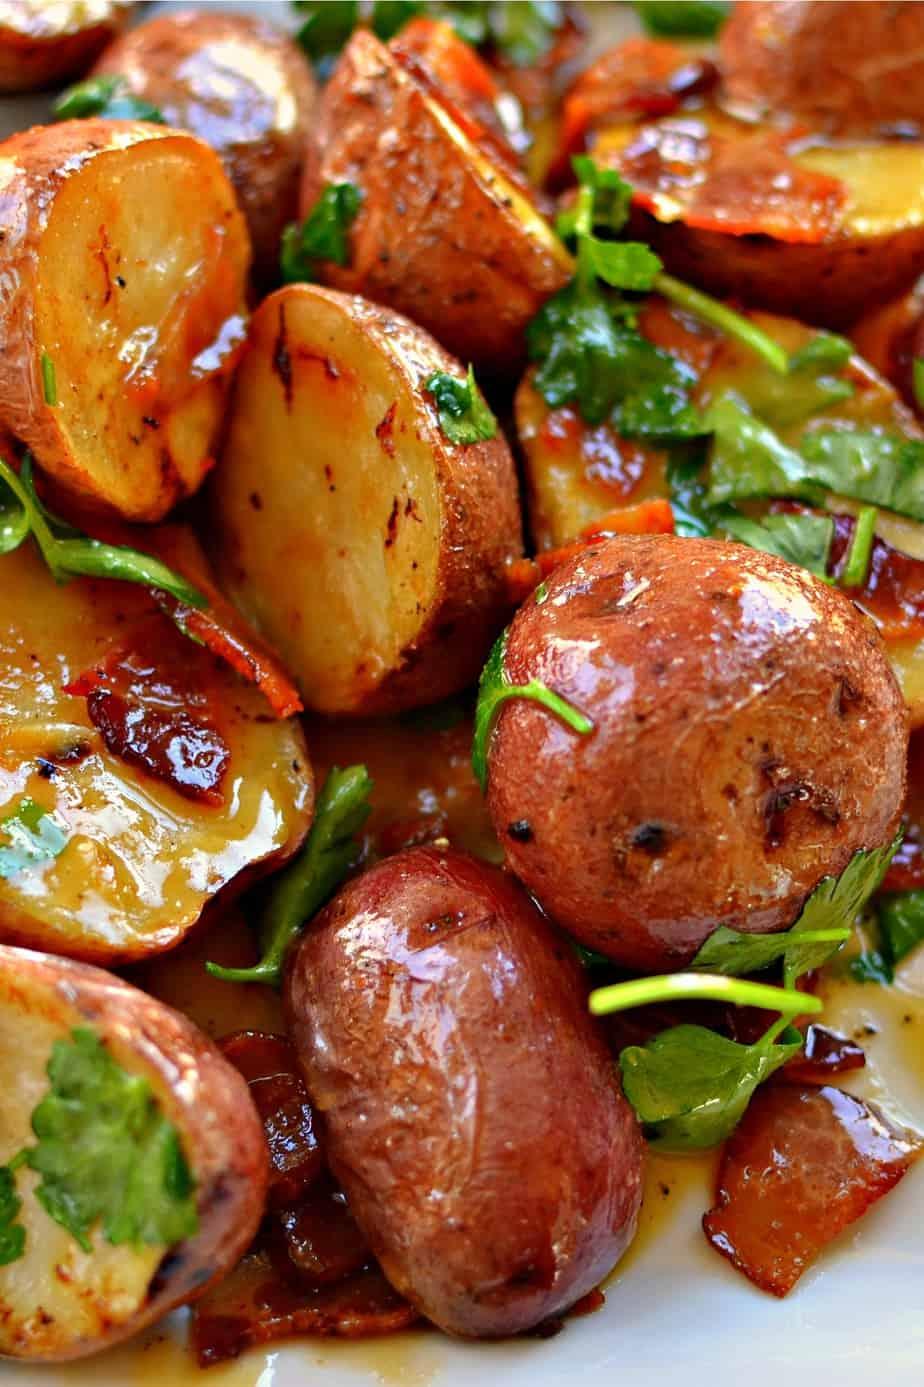 Sweet Potato Salad With Dijon Mustard